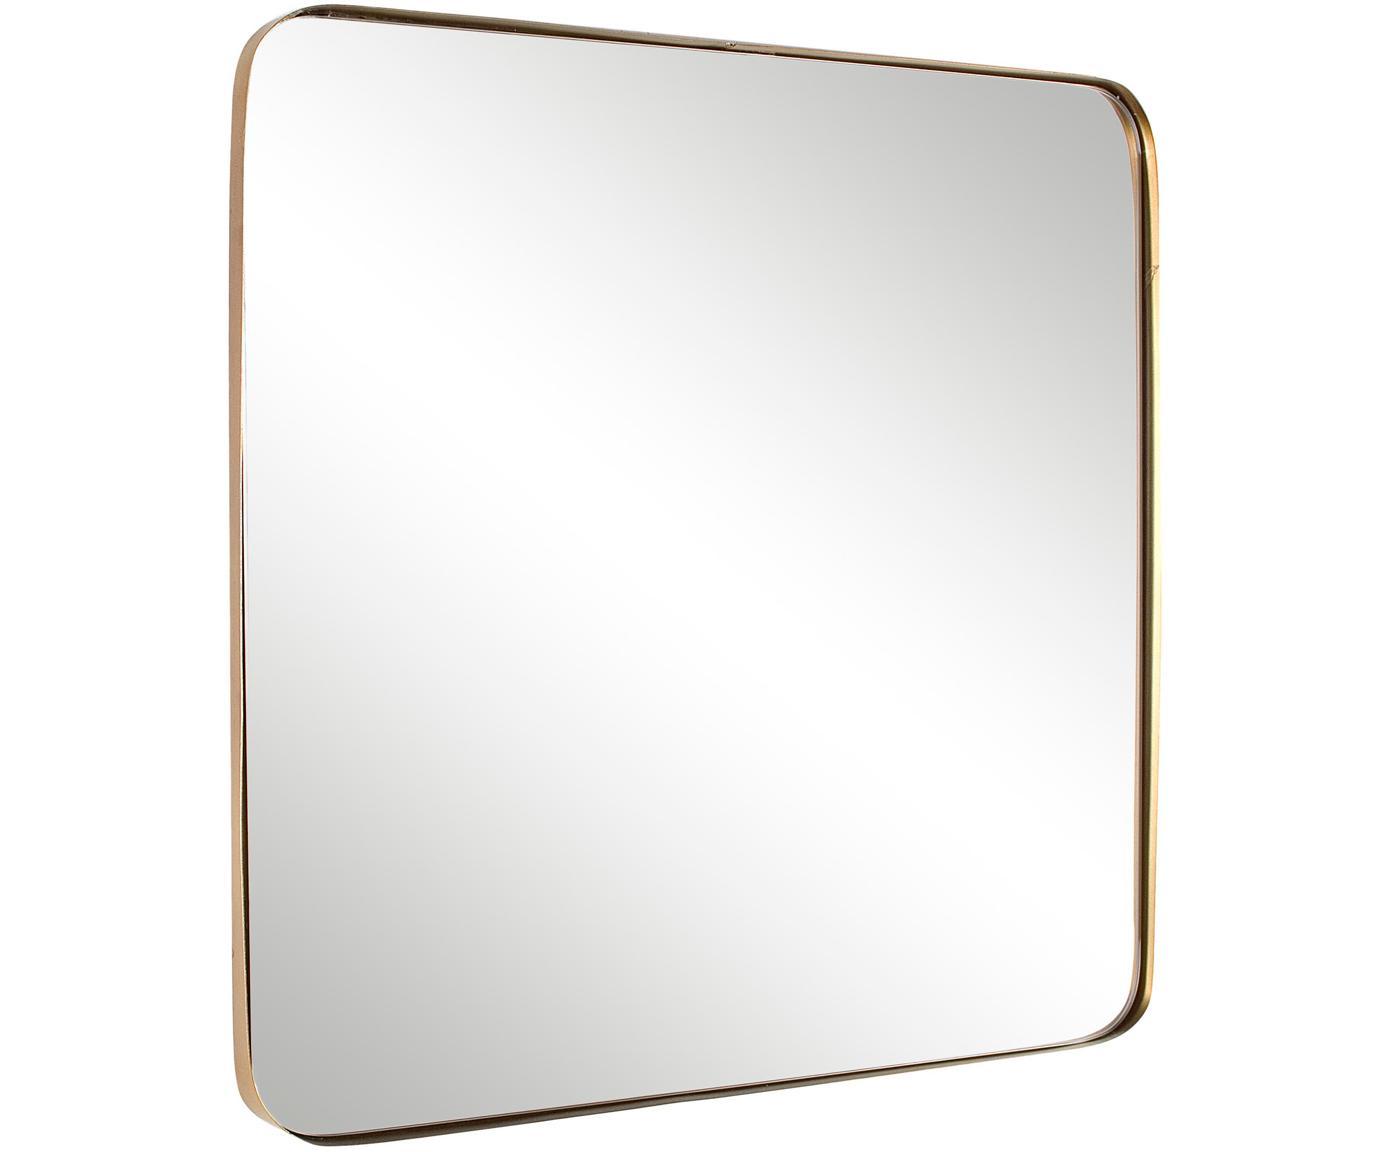 Specchio da parete Adhira, Cornice: metallo rivestito, Superficie dello specchio: lastra di vetro, Ottonato, Larg. 60 x Alt. 60 cm